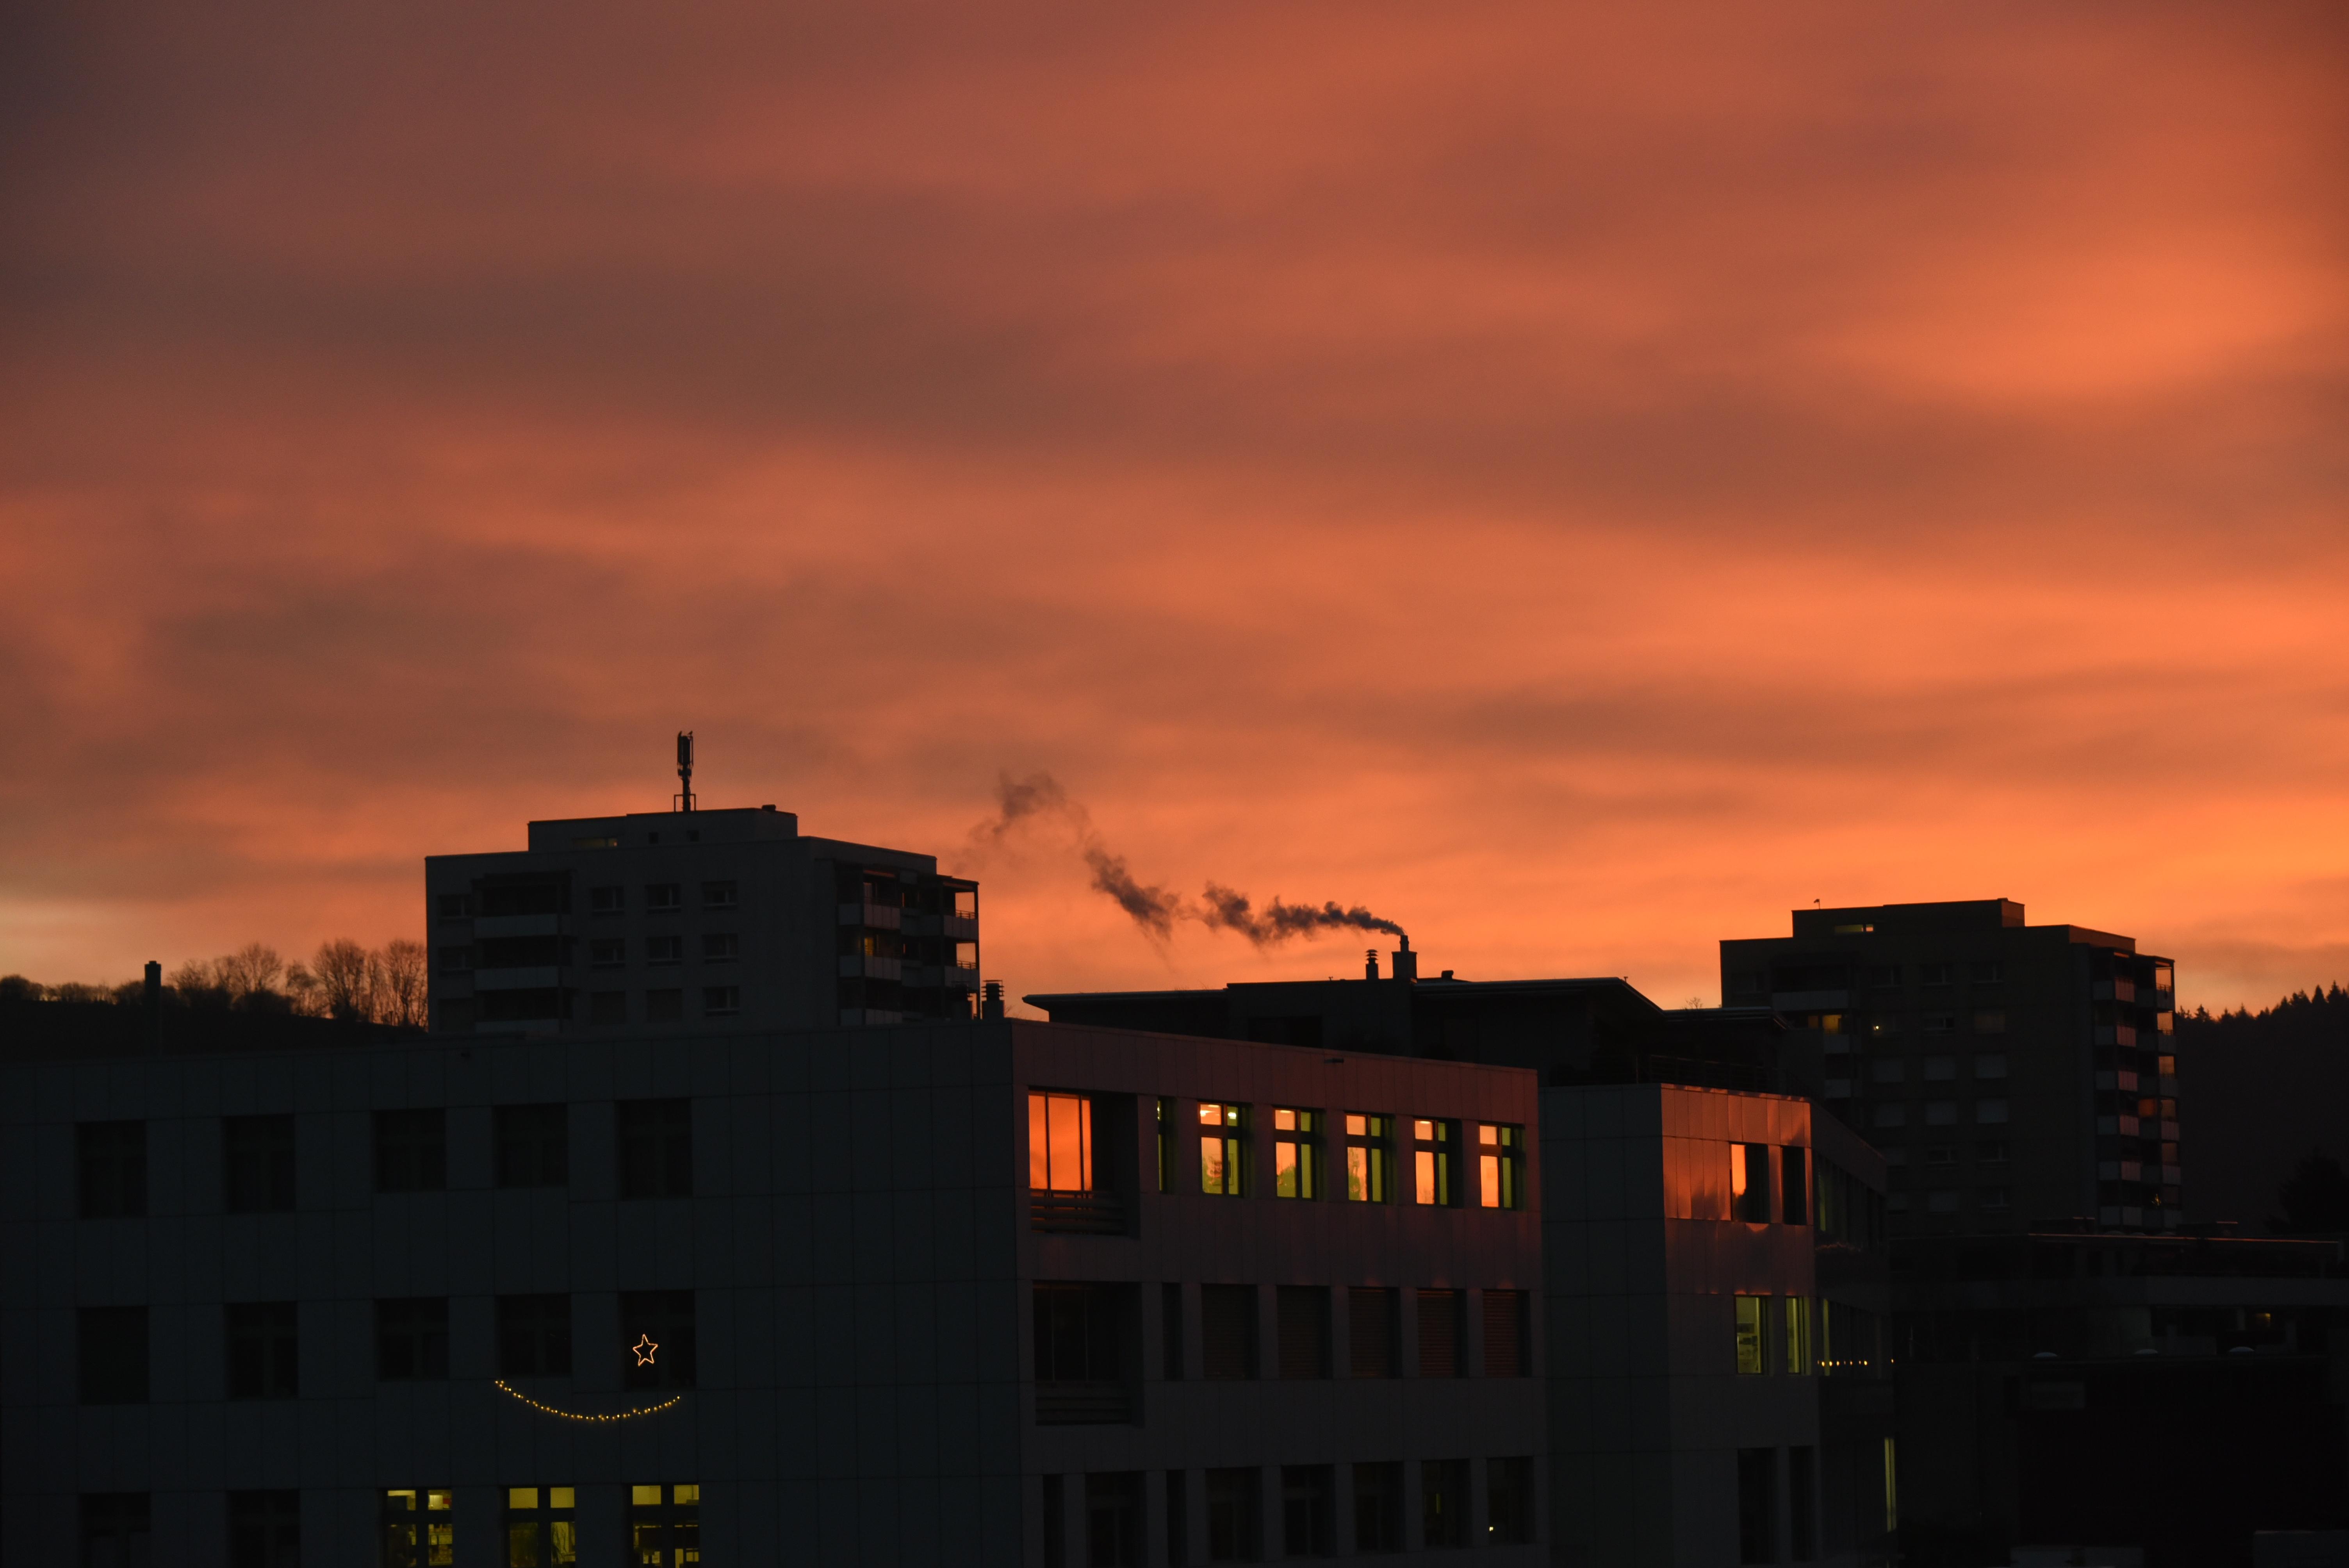 die Schönheit des Sonnenuntergangs